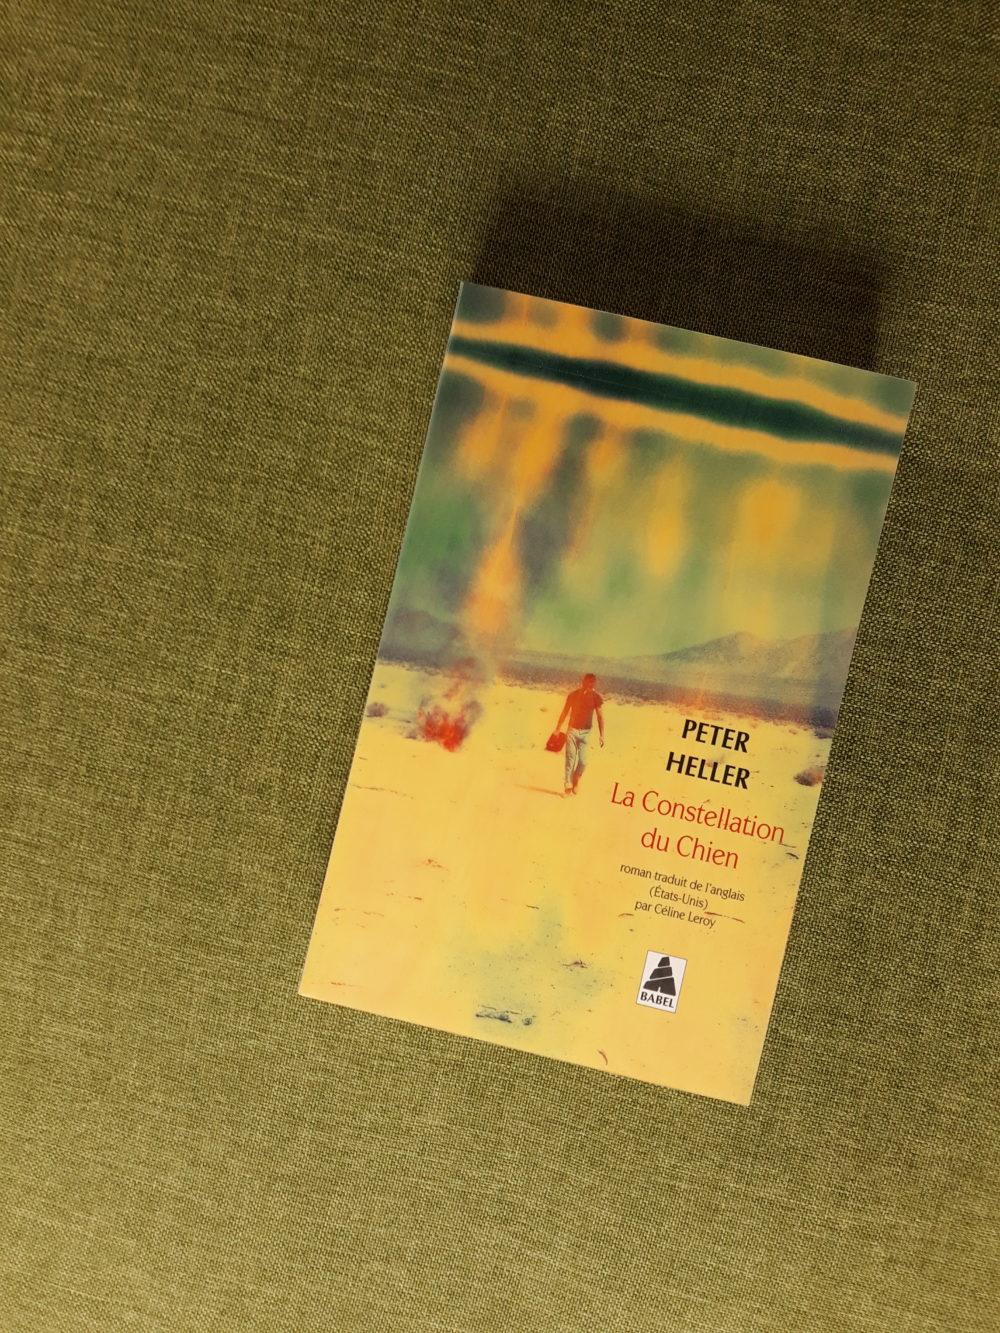 LA CONSTELLATION DU CHIEN, Peter Heller, éditions Actes Sud